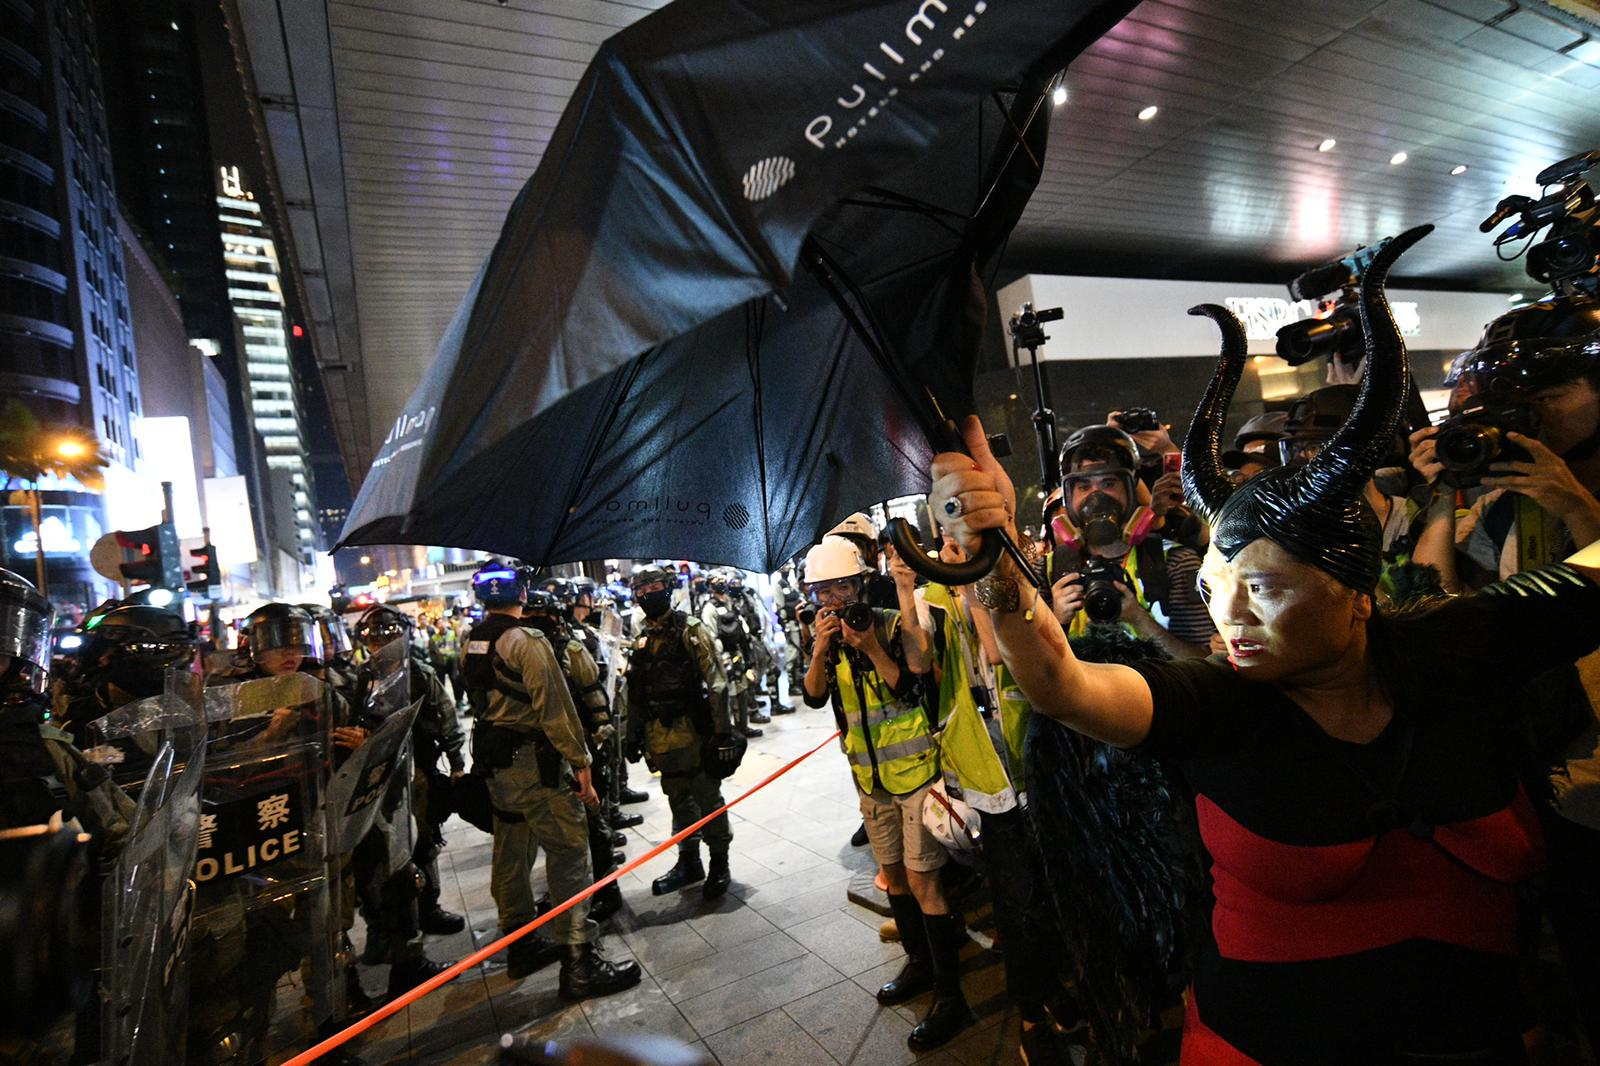 【修例风波】中环示威者堵路爆推撞 警方干诺道中放催泪弹驱散